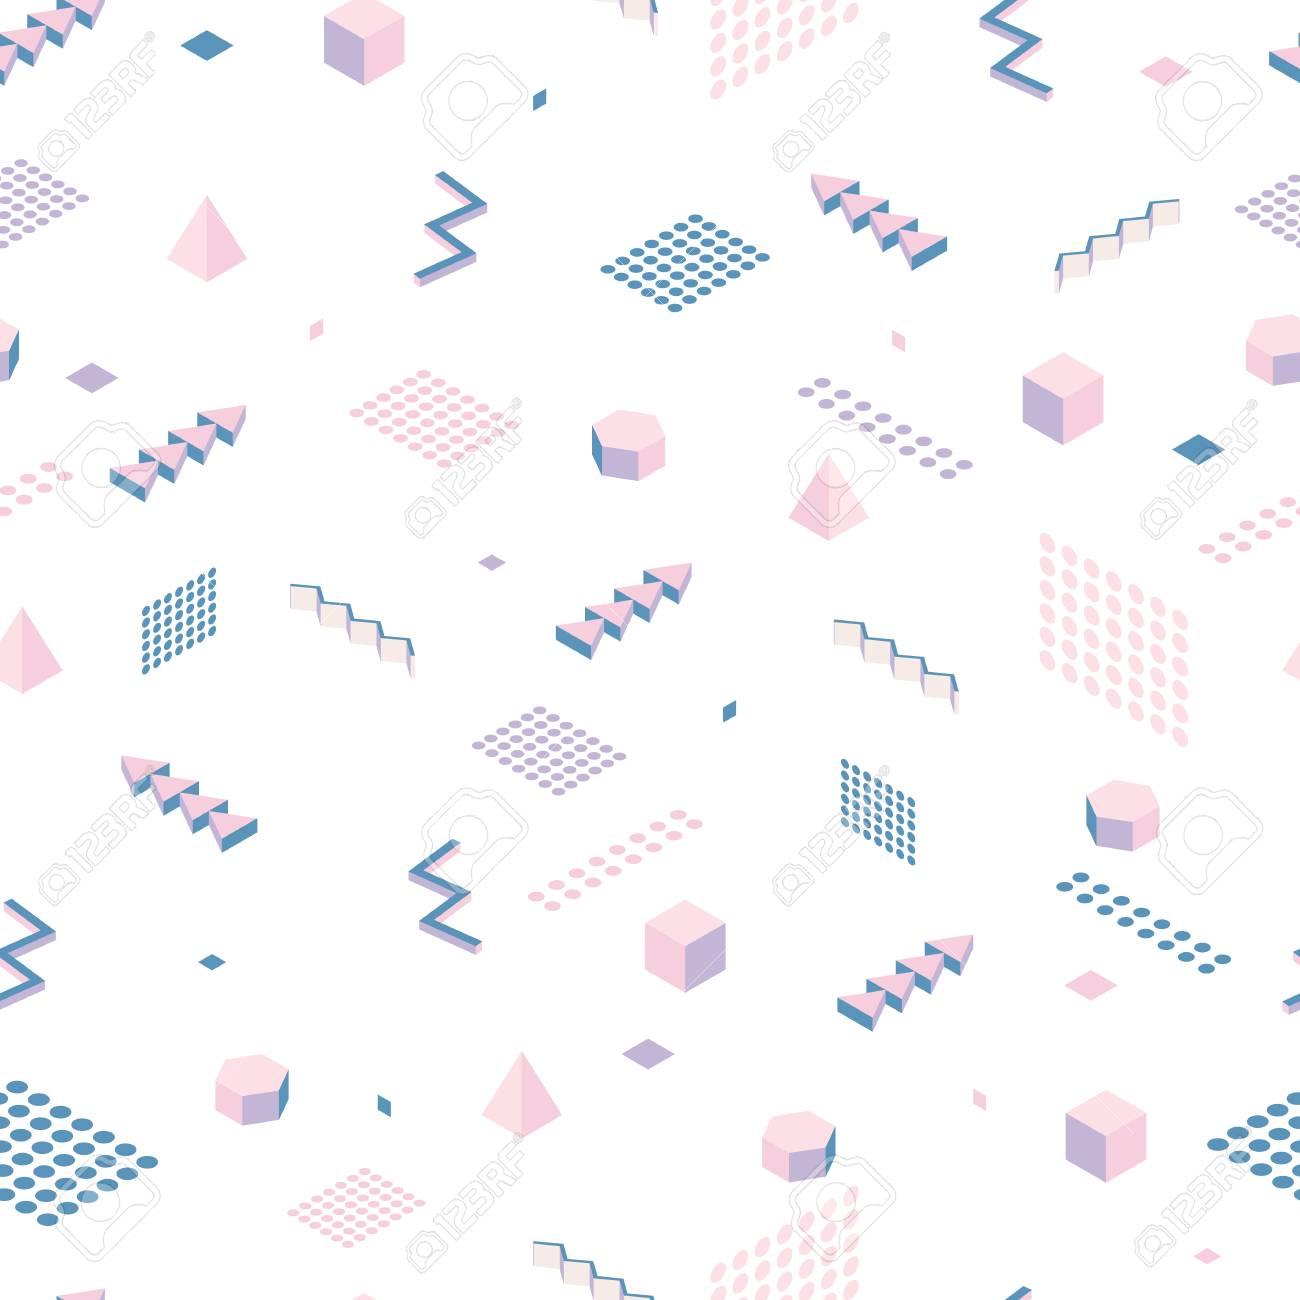 Resumen De Patrones Sin Fisuras. Isometría Geométrica Formas Simples ...